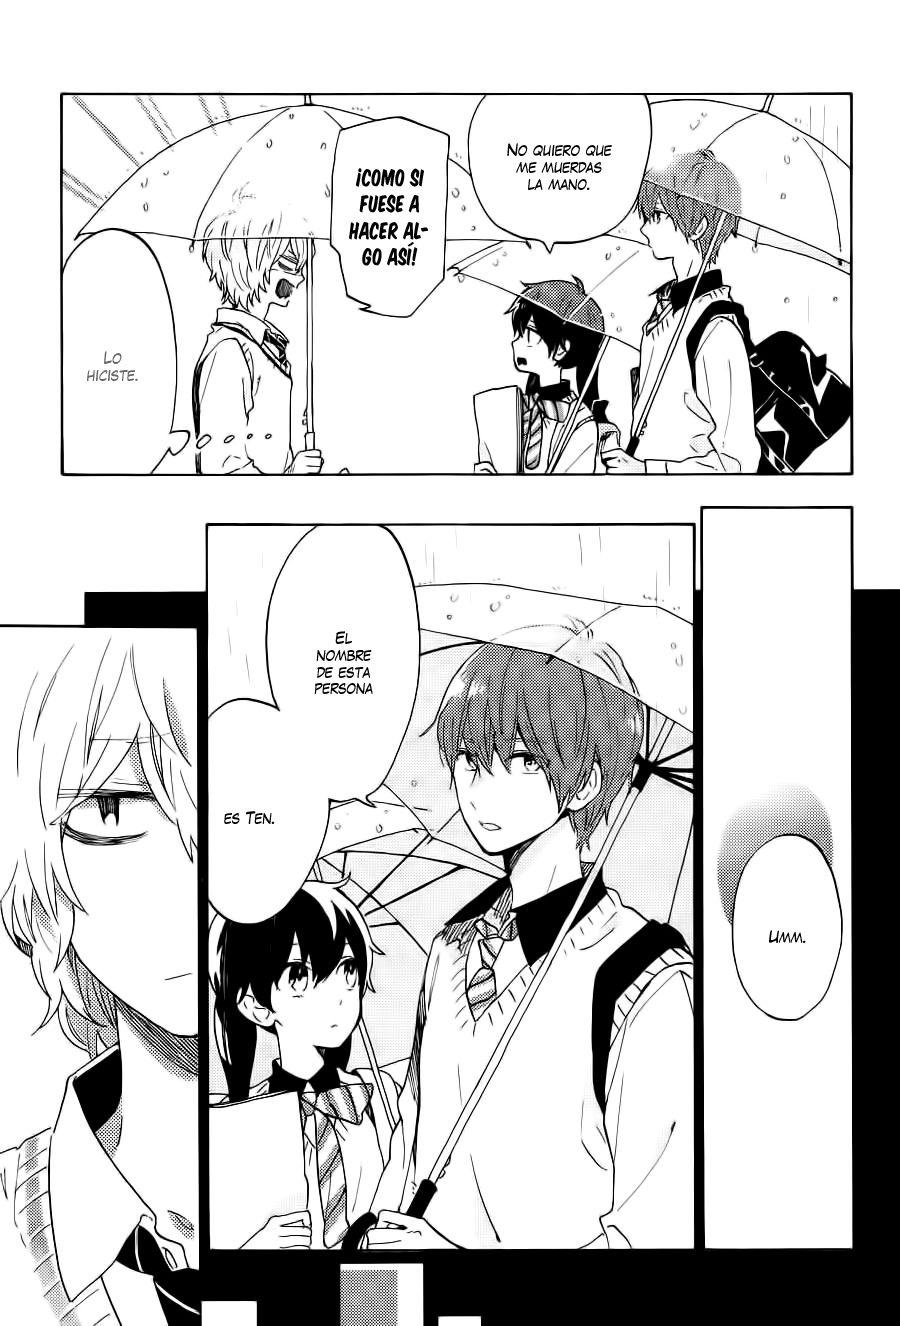 http://c5.ninemanga.com/es_manga/19/18451/459560/e22dd5dabde45eda5a1a67772c8e25dd.jpg Page 9